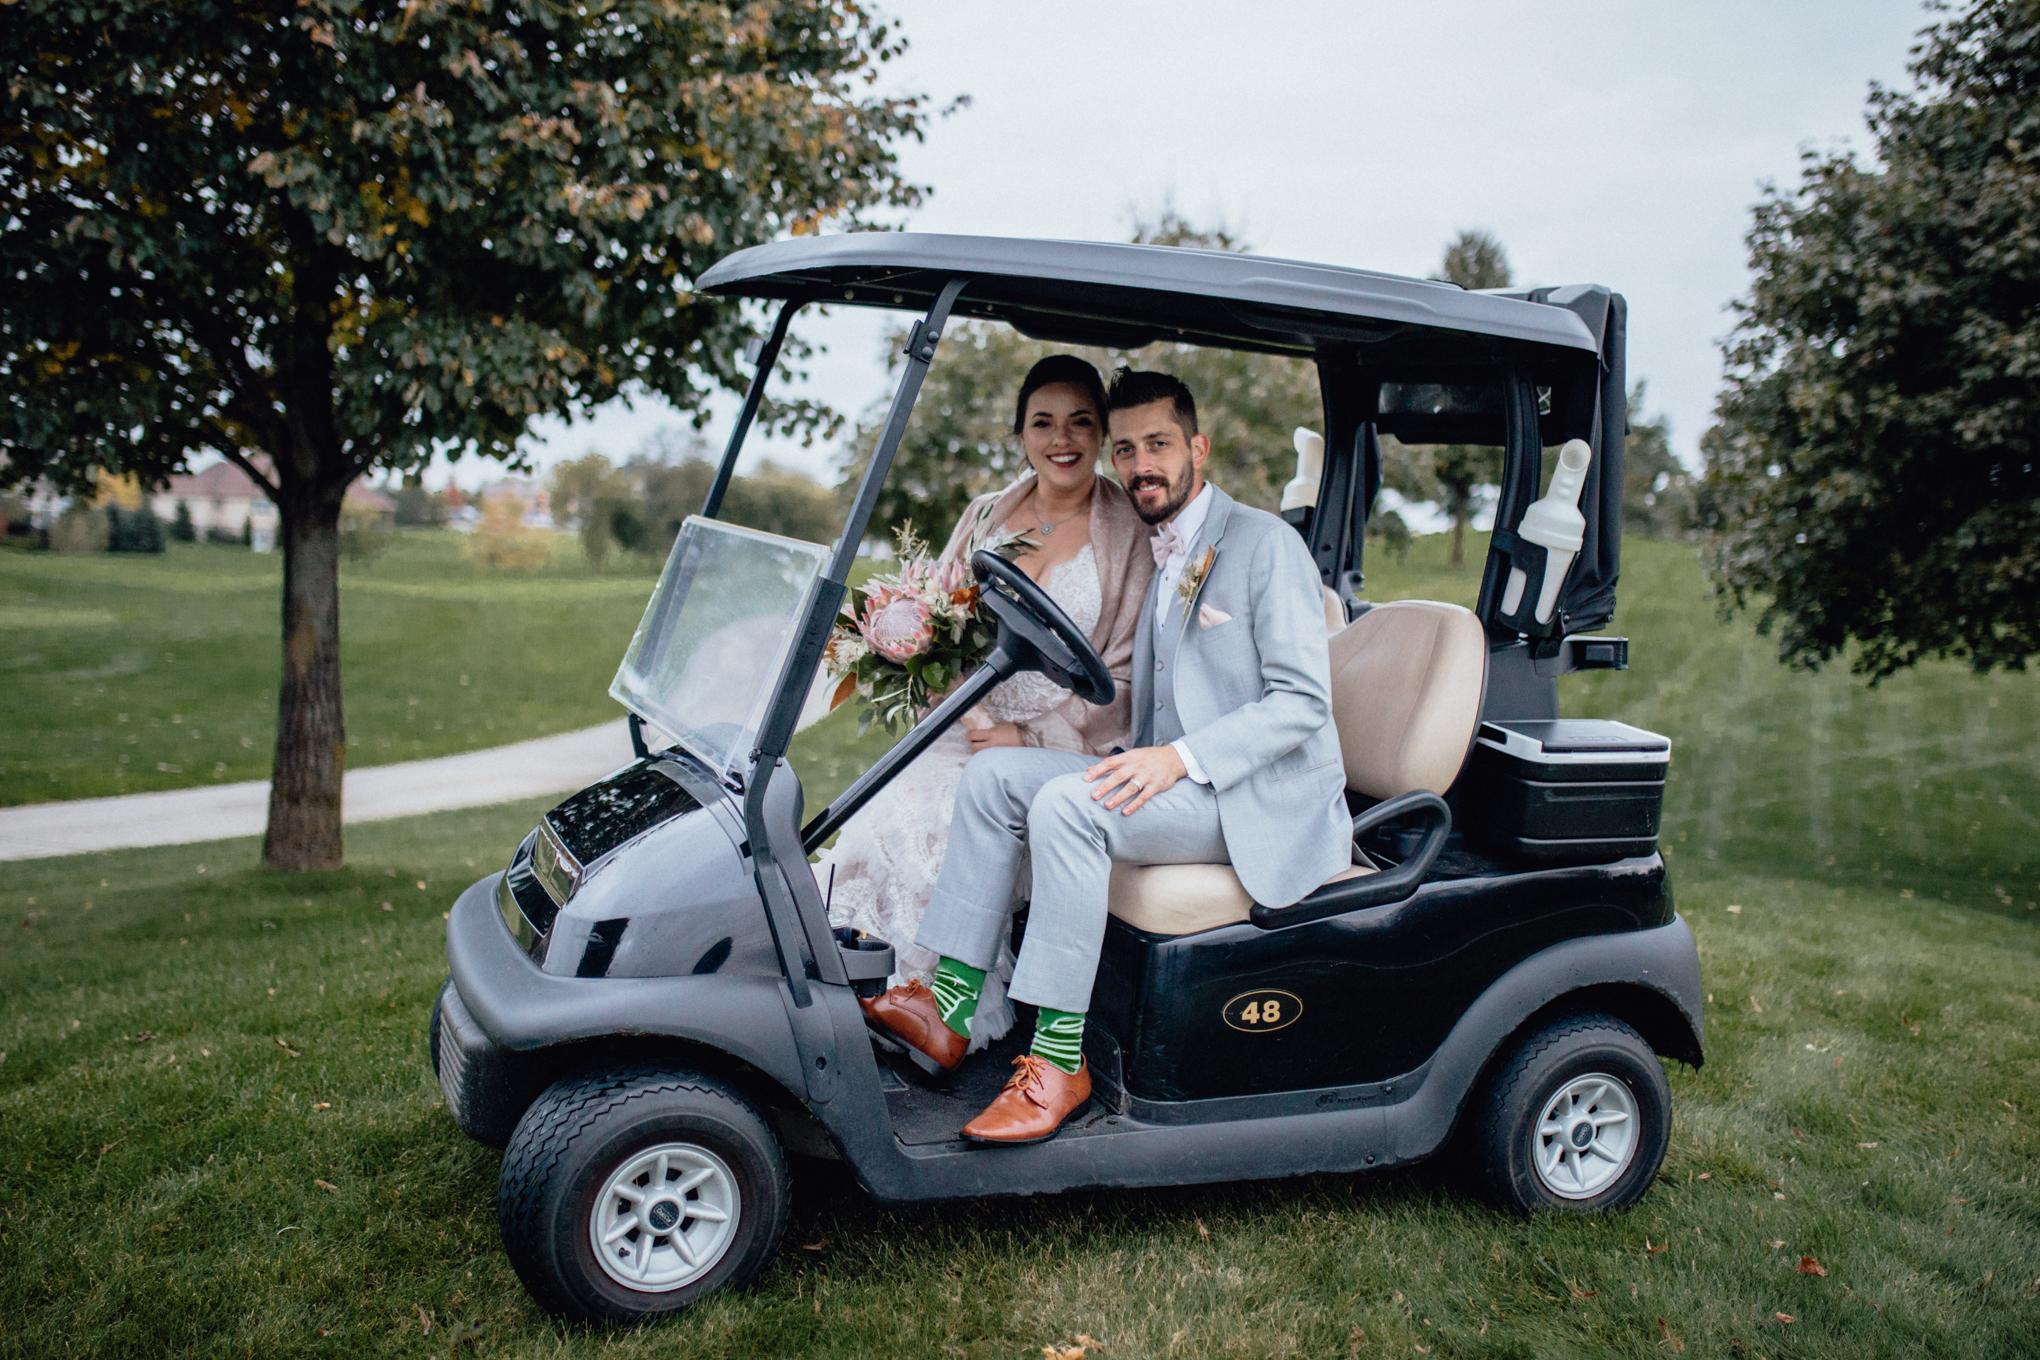 bride-and-groom-on-golf-cart-at-brandybrook.jpg